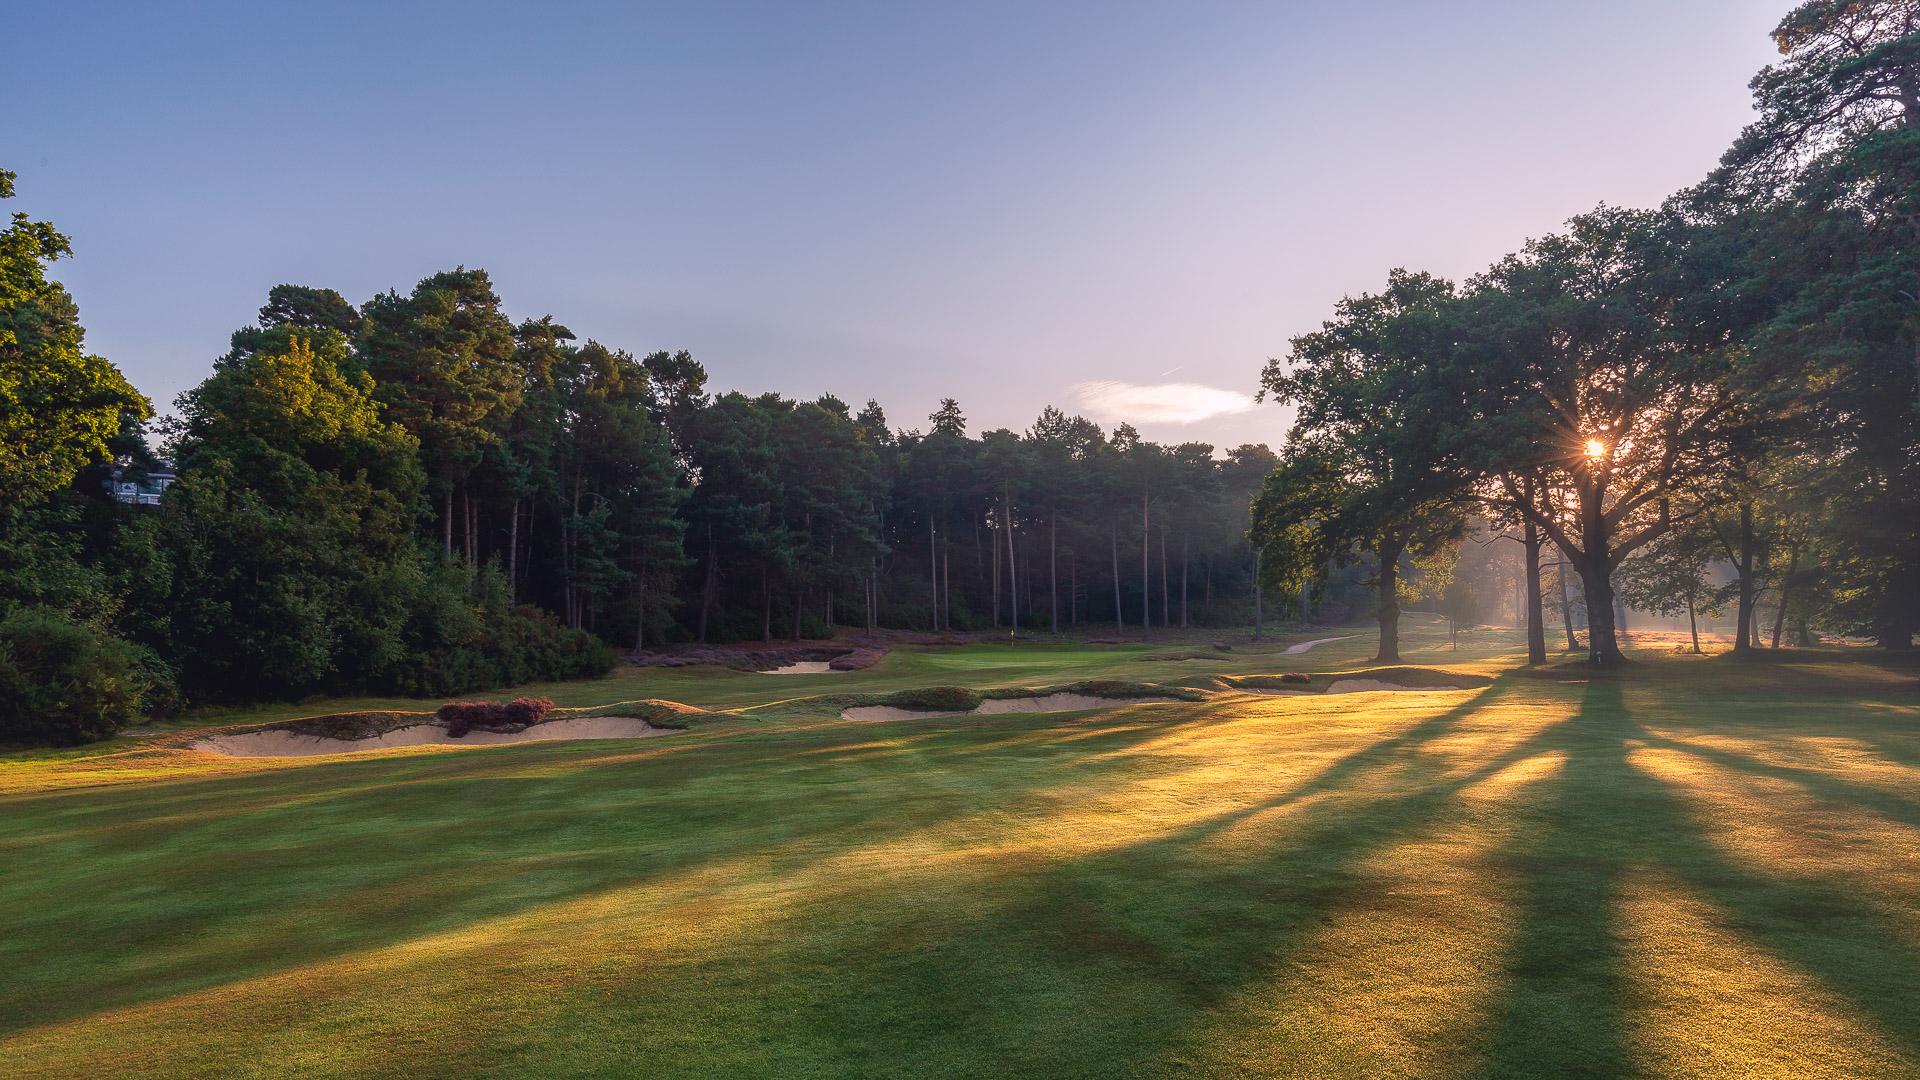 23rd-Hole-St-Georges-Hill-Golf-Club-2067-Edit